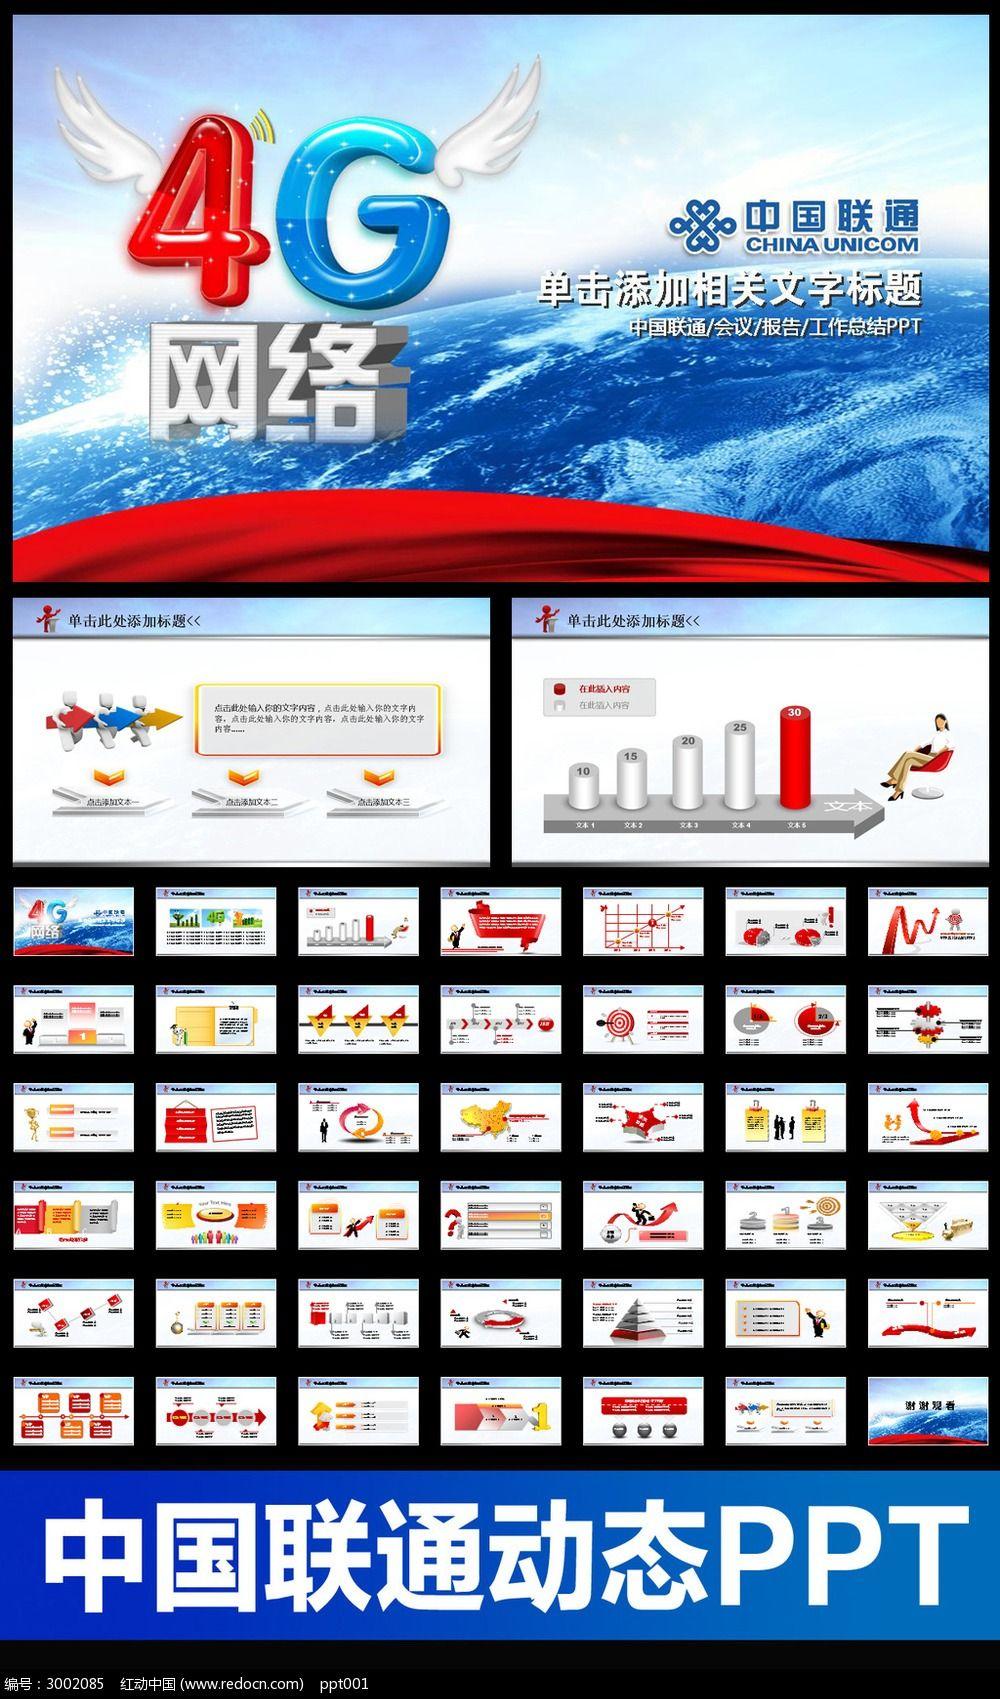 4G信号 中国联通 联通 通讯 服务 网络 PPT PPT模板 PPT背景 PPT图